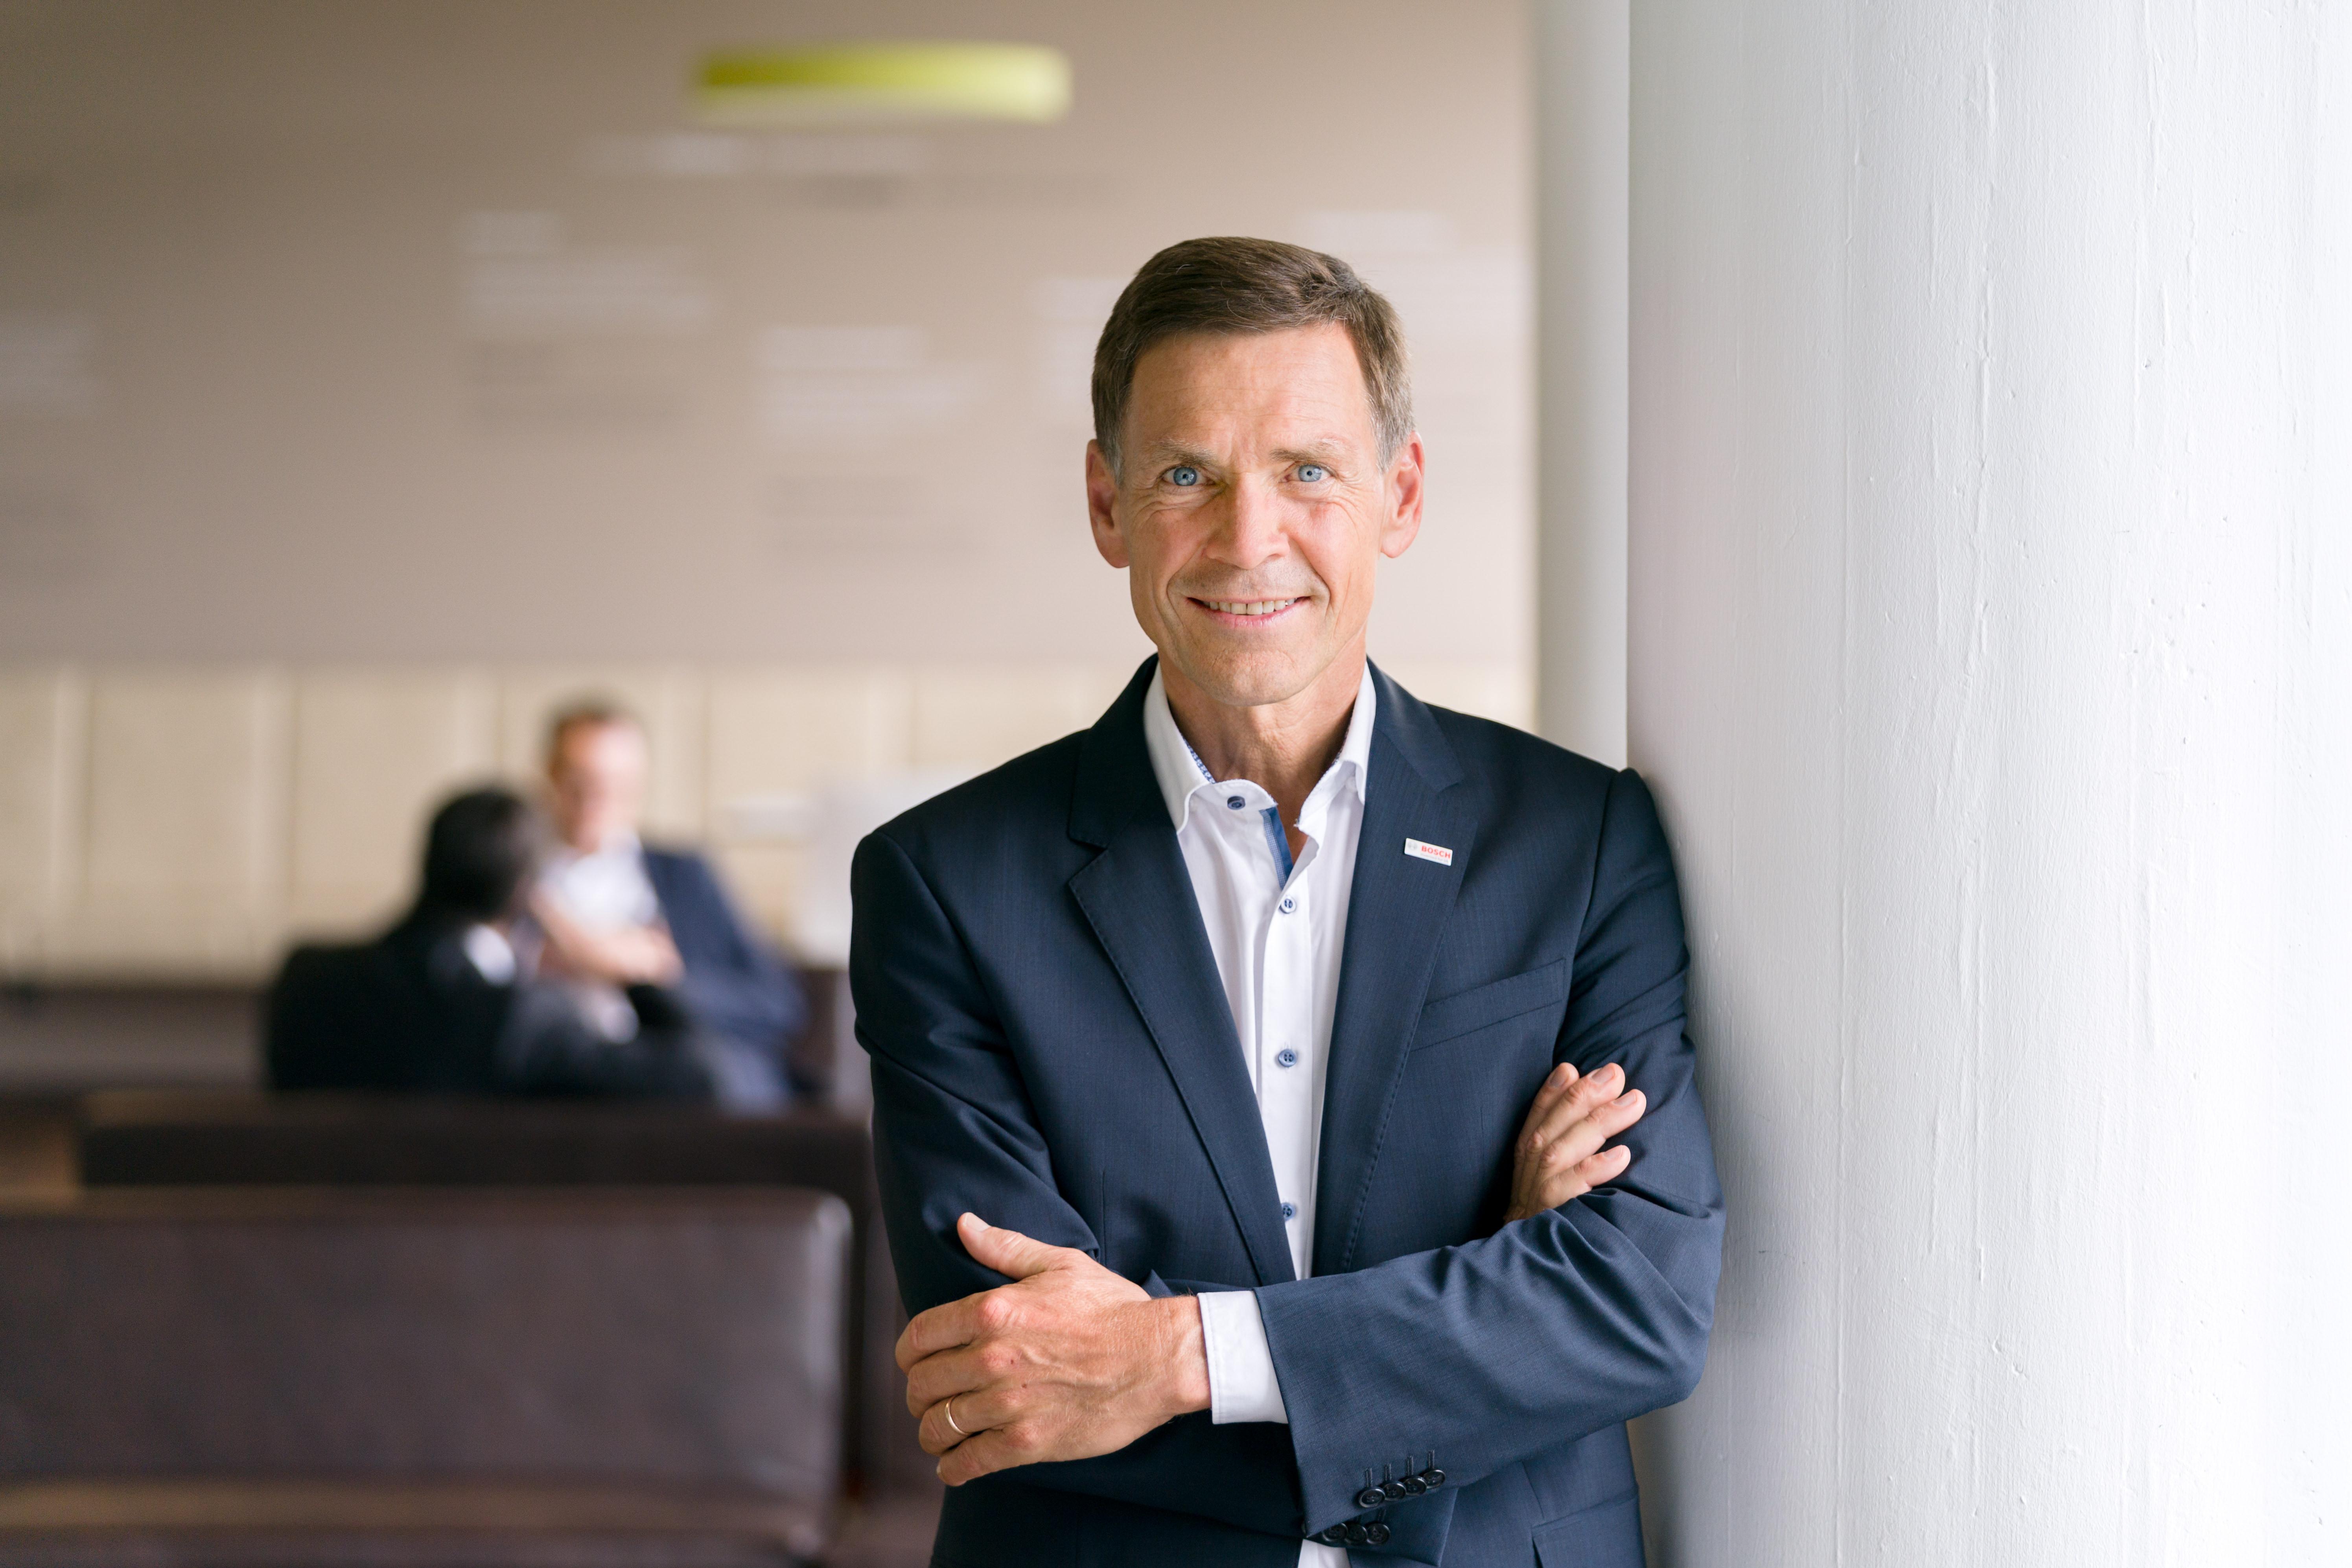 Christoph Kübel, Geschäftsführer und Arbeitsdirektor der Robert Bosch GmbH